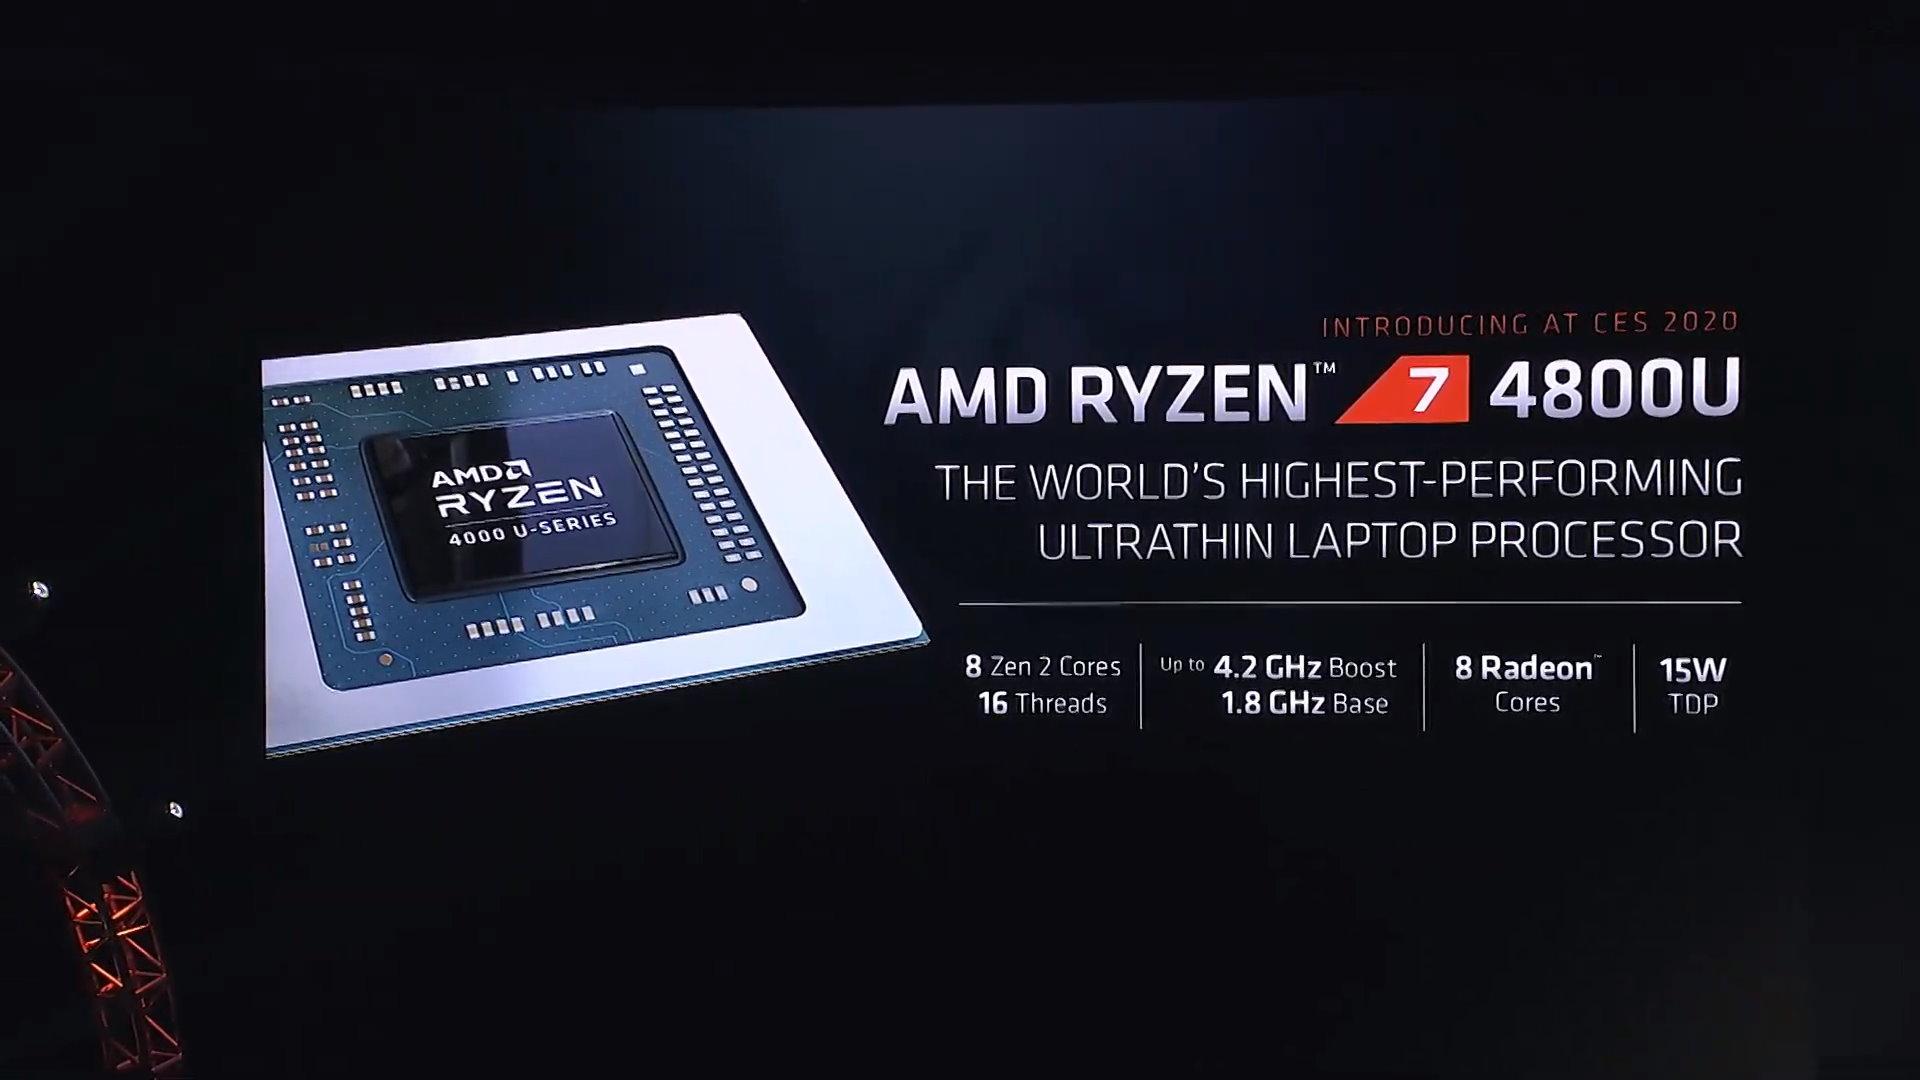 AMD Ryzen 4800U